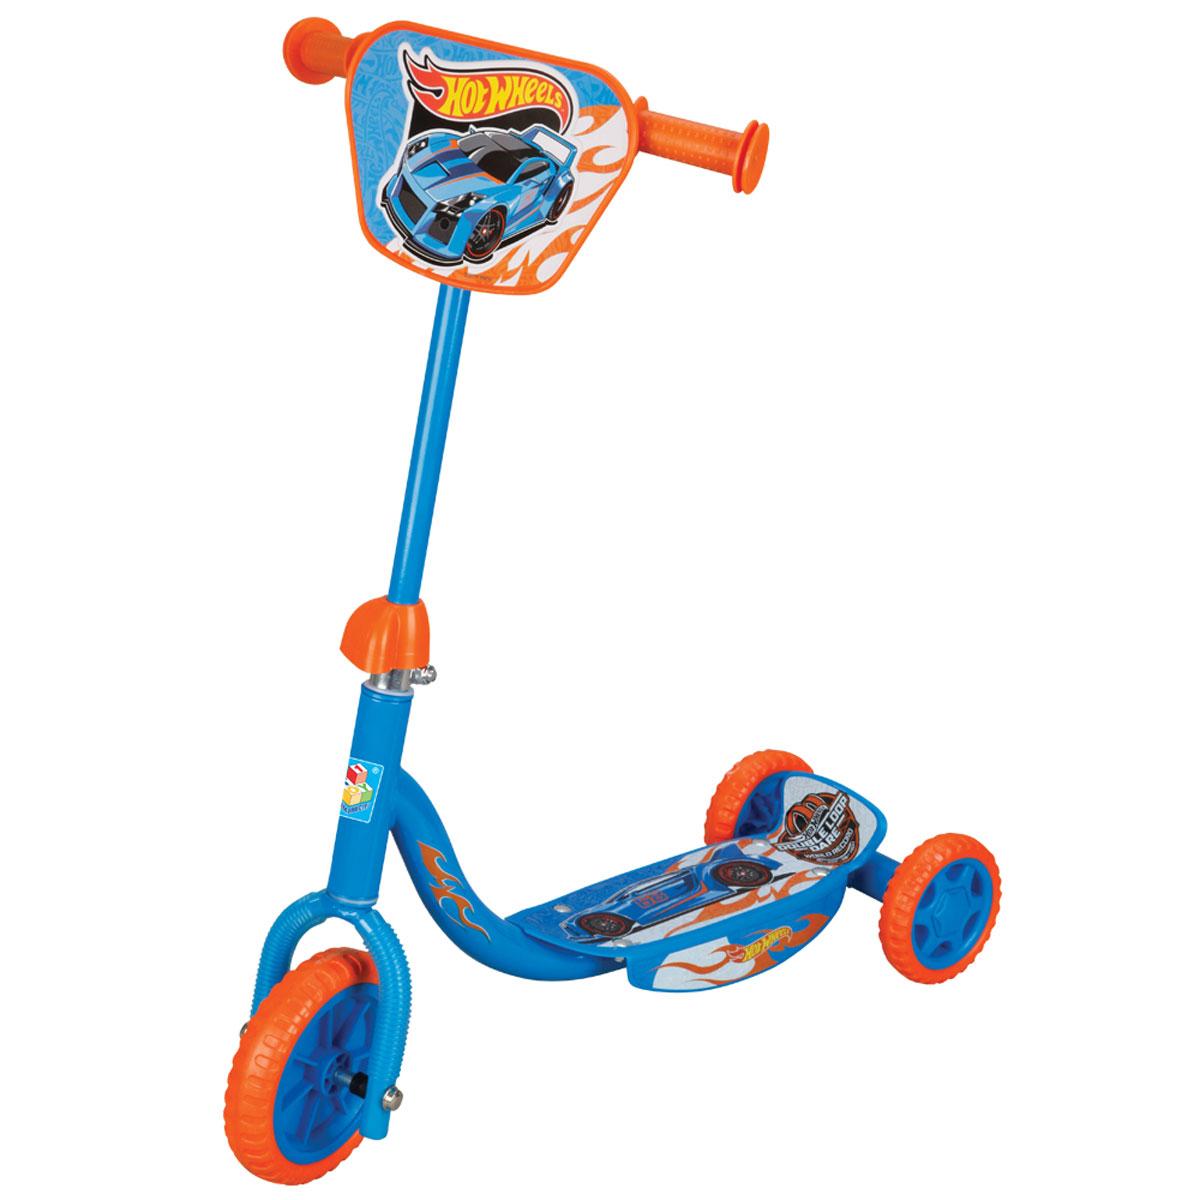 Купить 1TOY Самокат детский трехколесный Hot Wheels с декоративной панелью, Solmar Pte Ltd